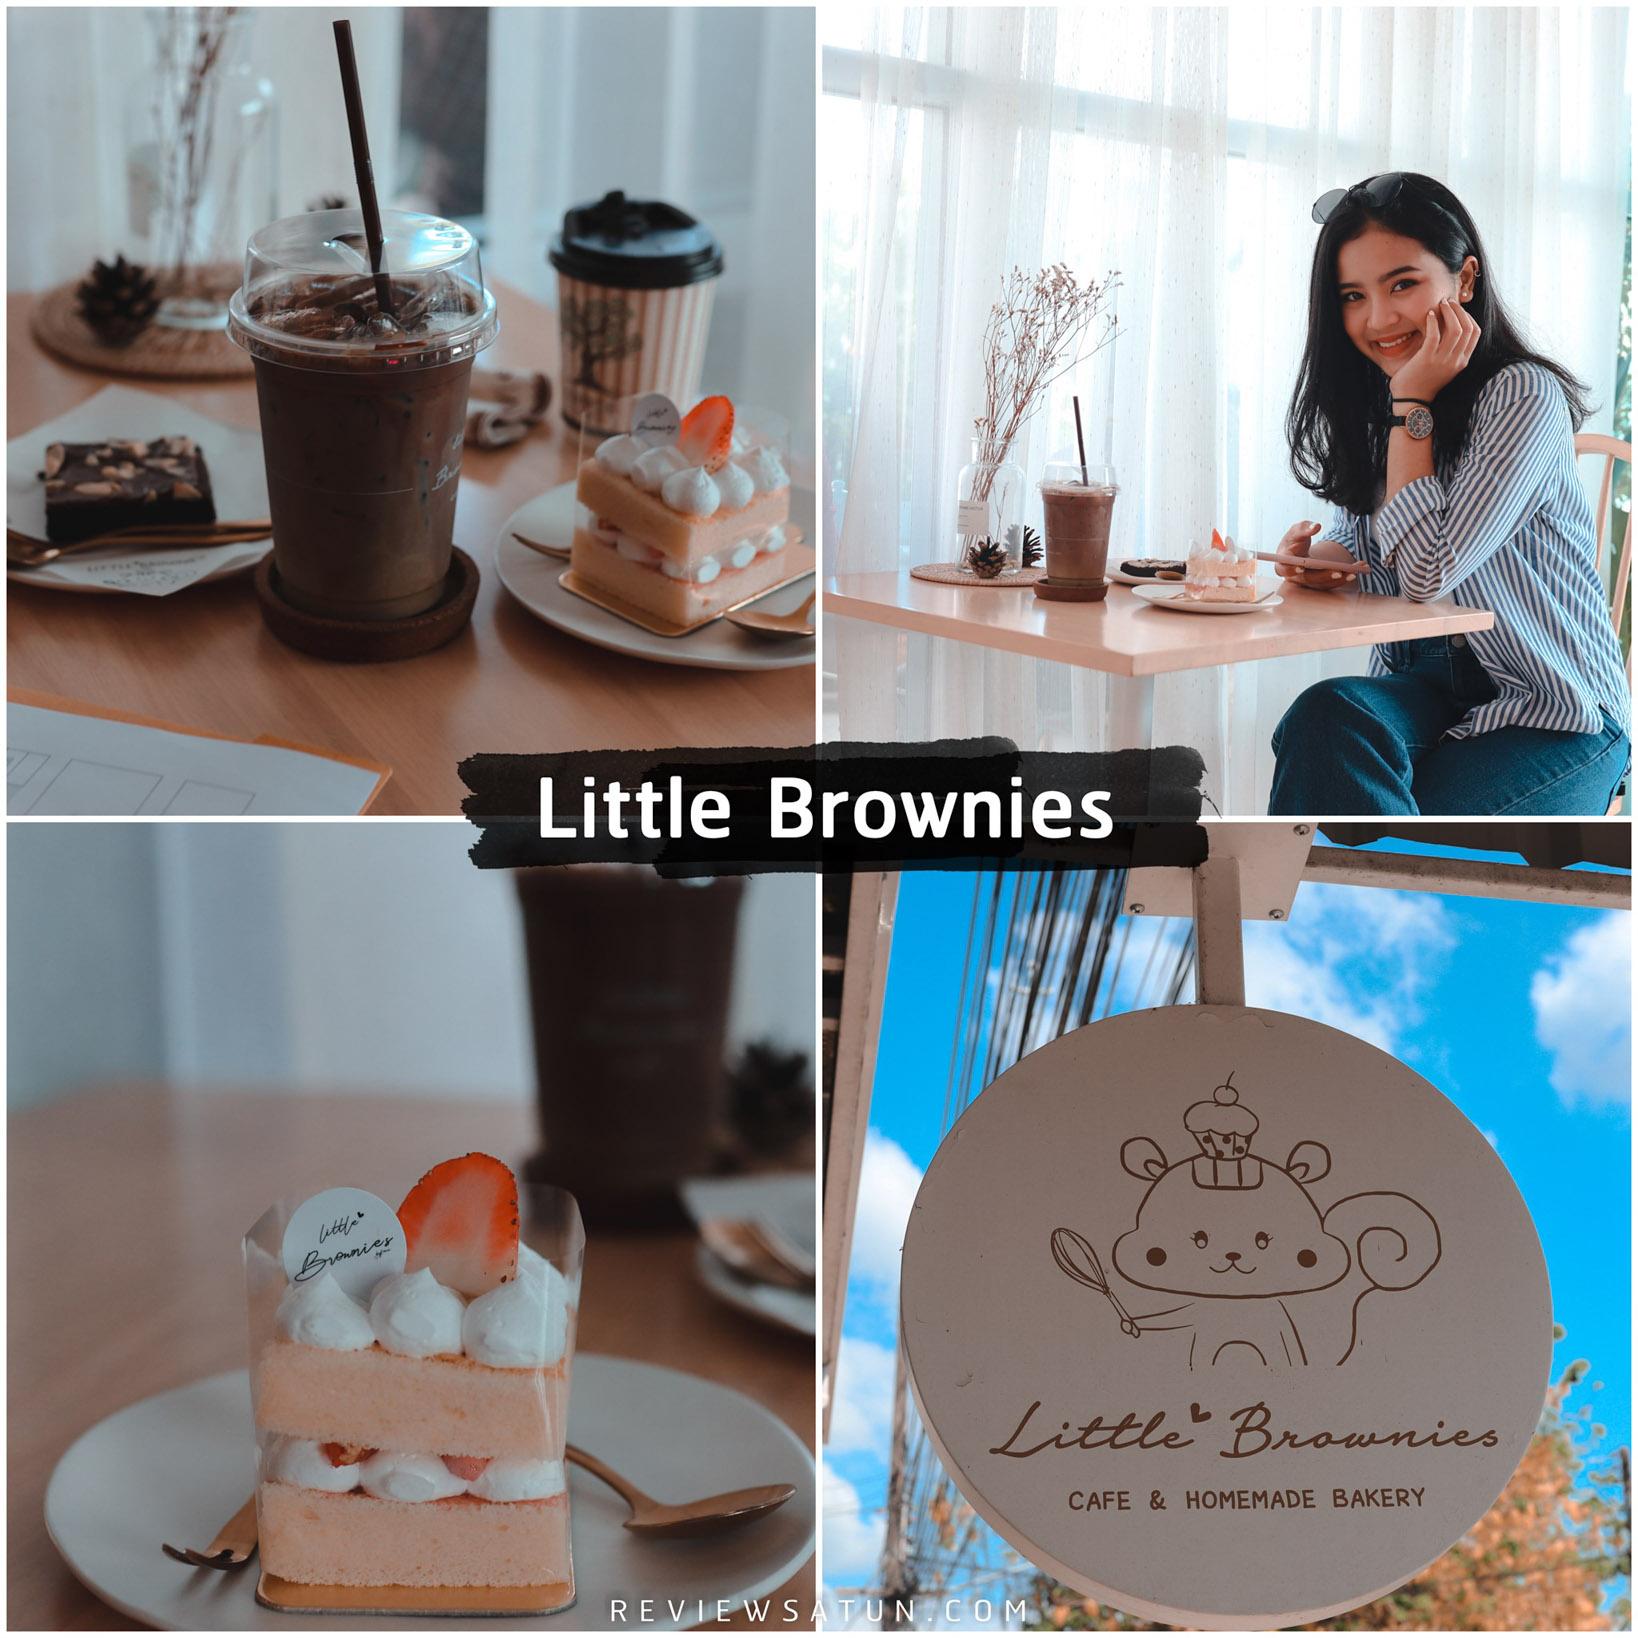 ปักหมุดเช็คอิน little brownie ถ่ายรูปสวยๆสำหรับหนุ่มๆสาวๆเหมาะสำหรับสายคอกาแฟอีกด้วย ขนมโฮมเมด และน้ำหวานต่างๆก็มีให้เลือกราคาไม่แพง